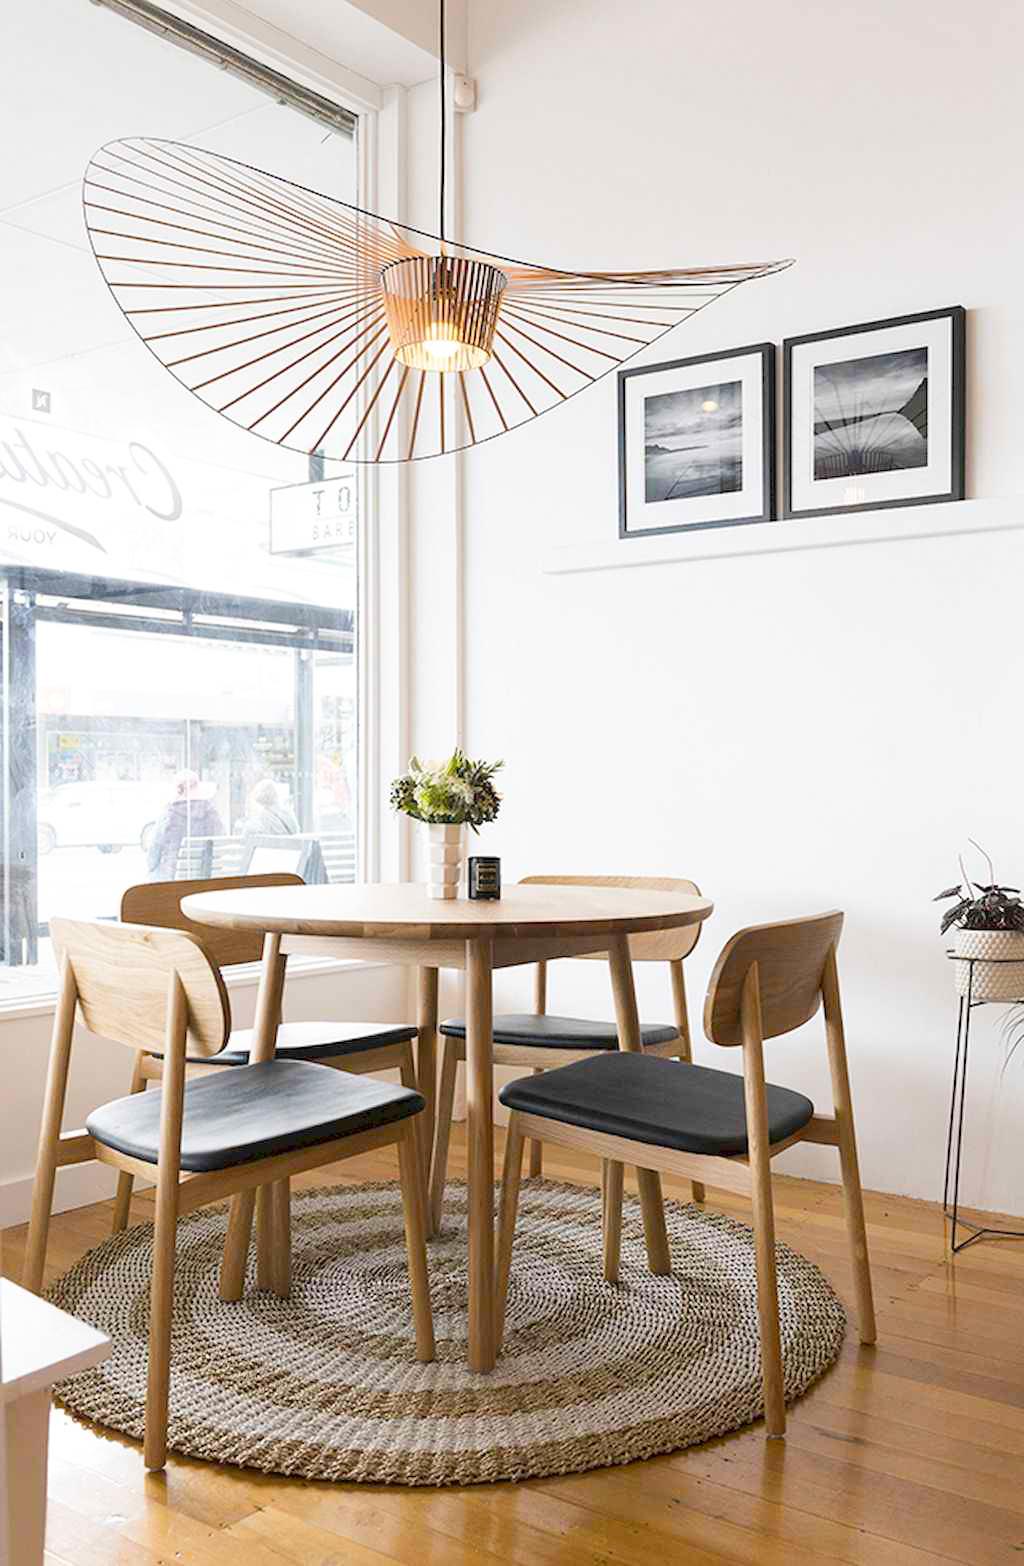 nội thất se sẻ, se se furniture, nội thất tù gỗ, nội thất từ kim loại, thiết kế không gian ấm cúng, so sánh nội thất gỗ và kim loại, ưu nhược điểm của nội thất gỗ, ưu nhược điểm của nội thất kim loại, nên dùng nội thất gỗ hay kim loại,..